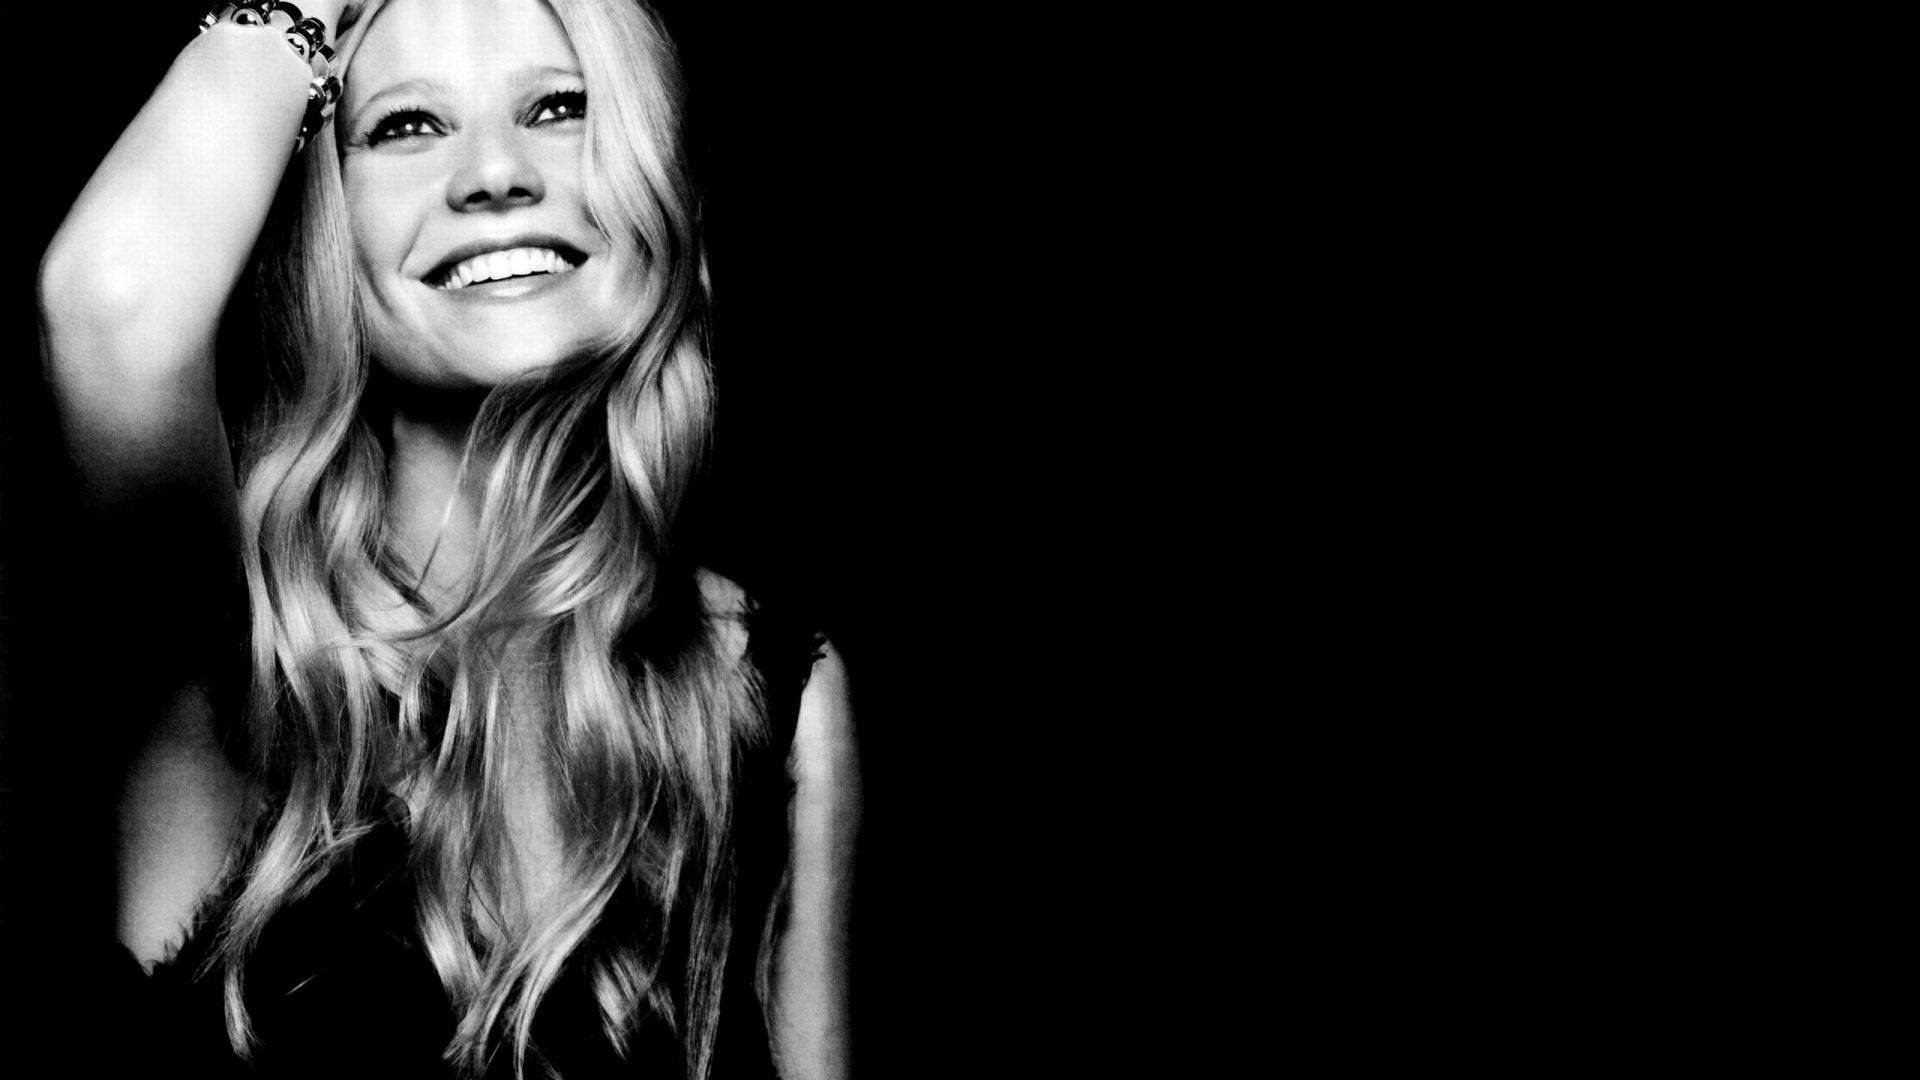 Gwyneth Paltrow Cute HD Wallpaper